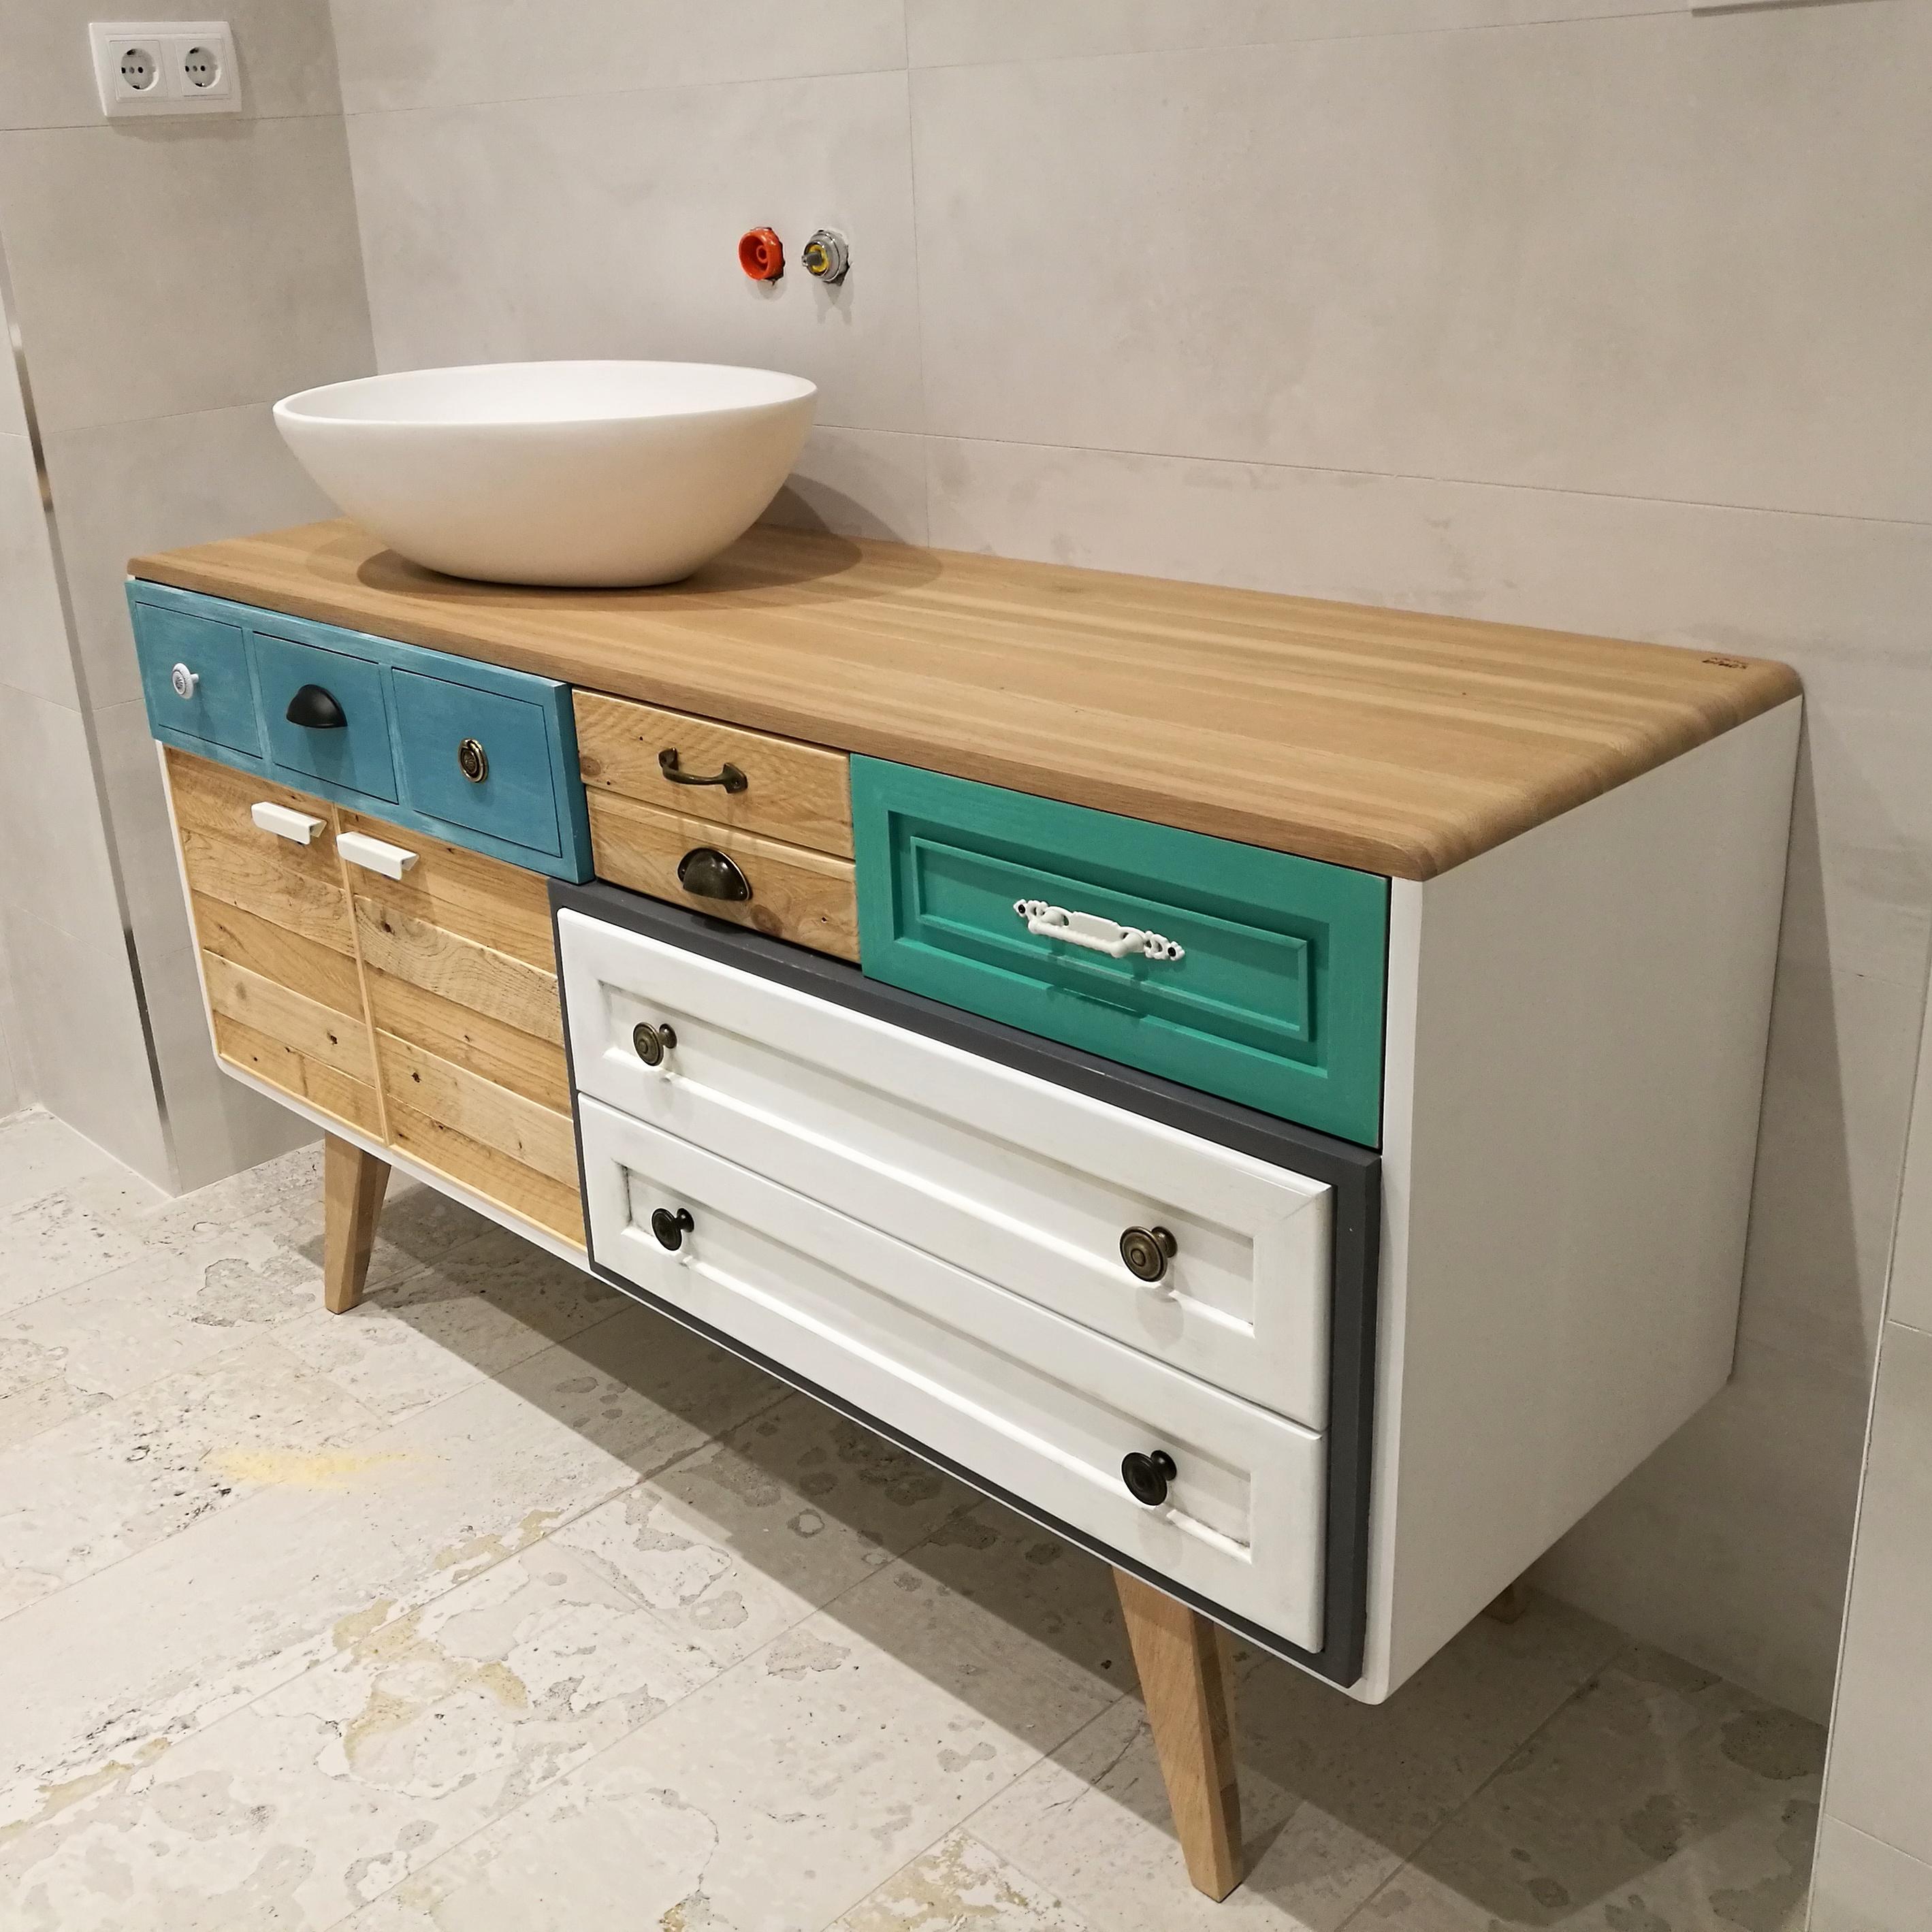 Mueble de baño a medida en roble.